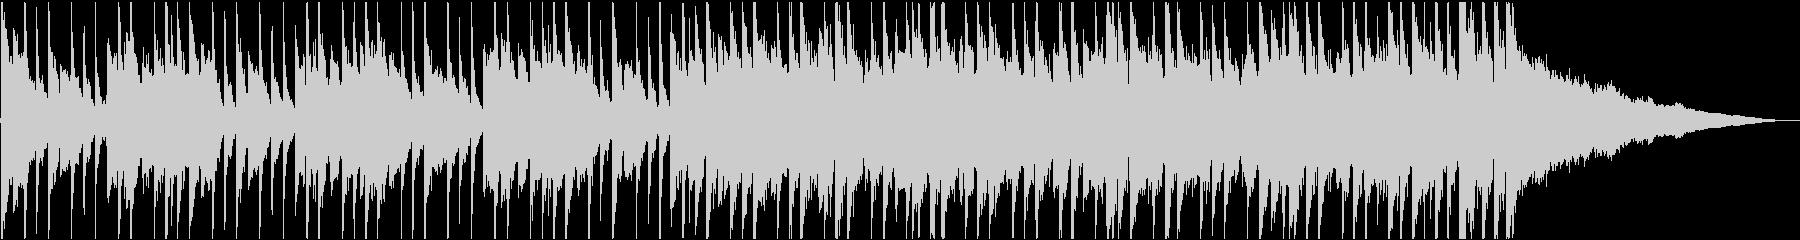 ピアノとエレキギターの明るい映像用BGMの未再生の波形